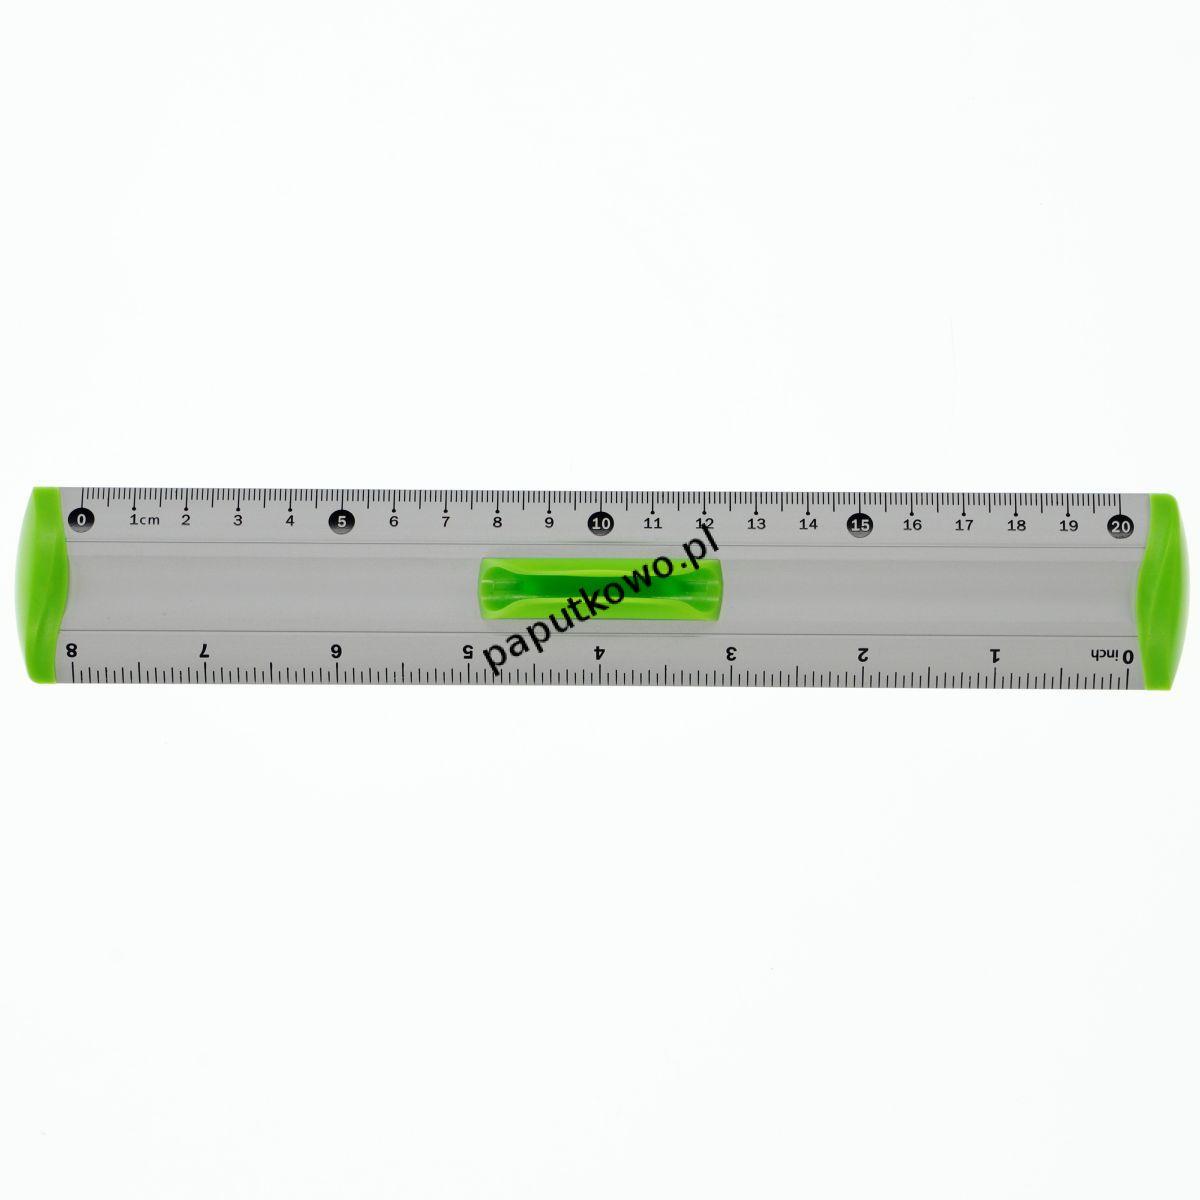 Linijka aluminiowa Tetis linijka 20 cm (BL040)